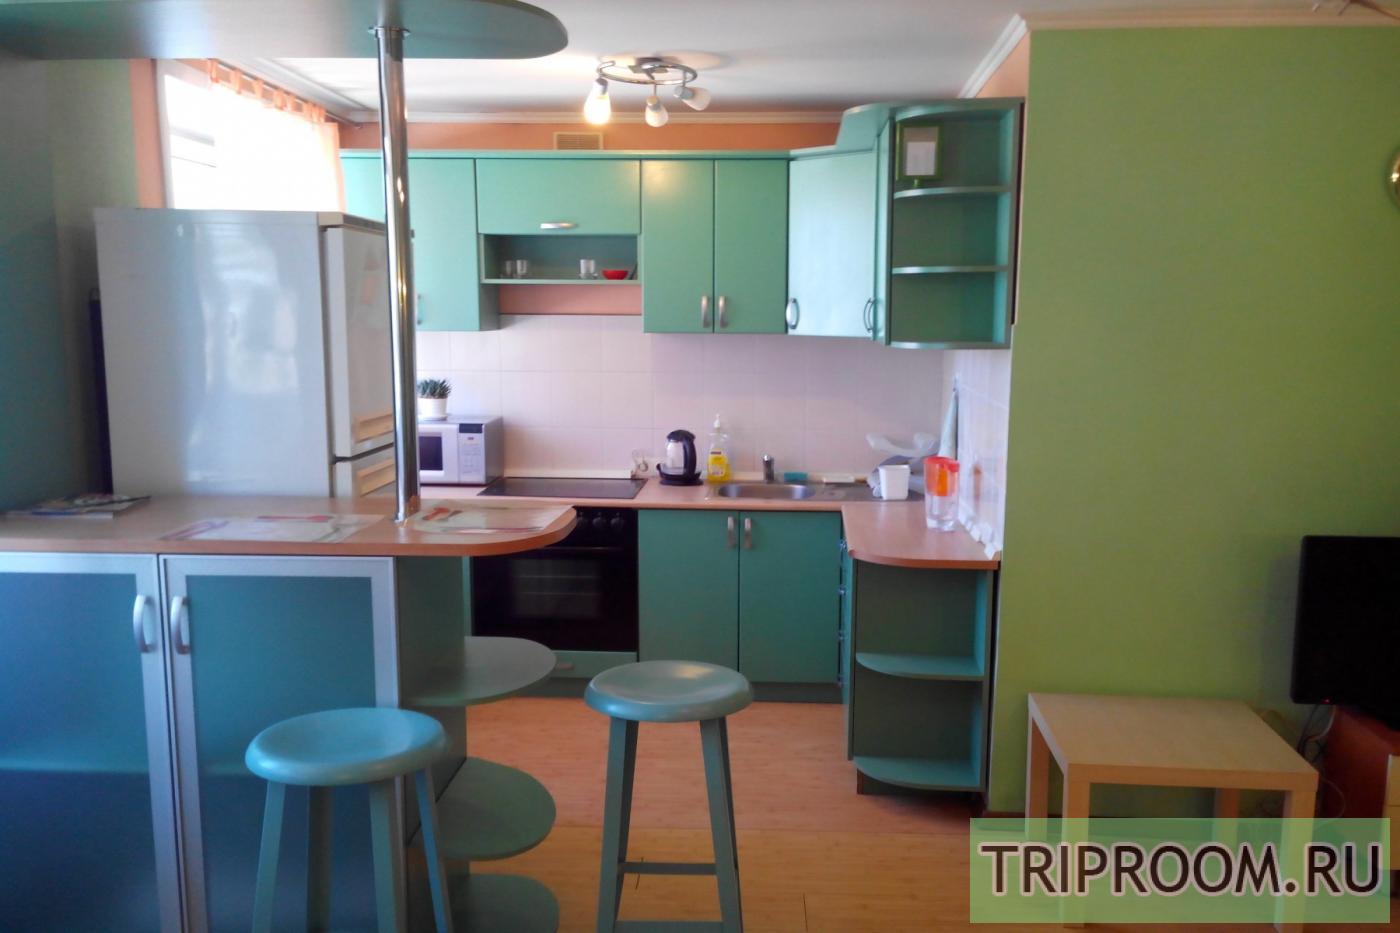 1-комнатная квартира посуточно (вариант № 8940), ул. Советская улица, фото № 20